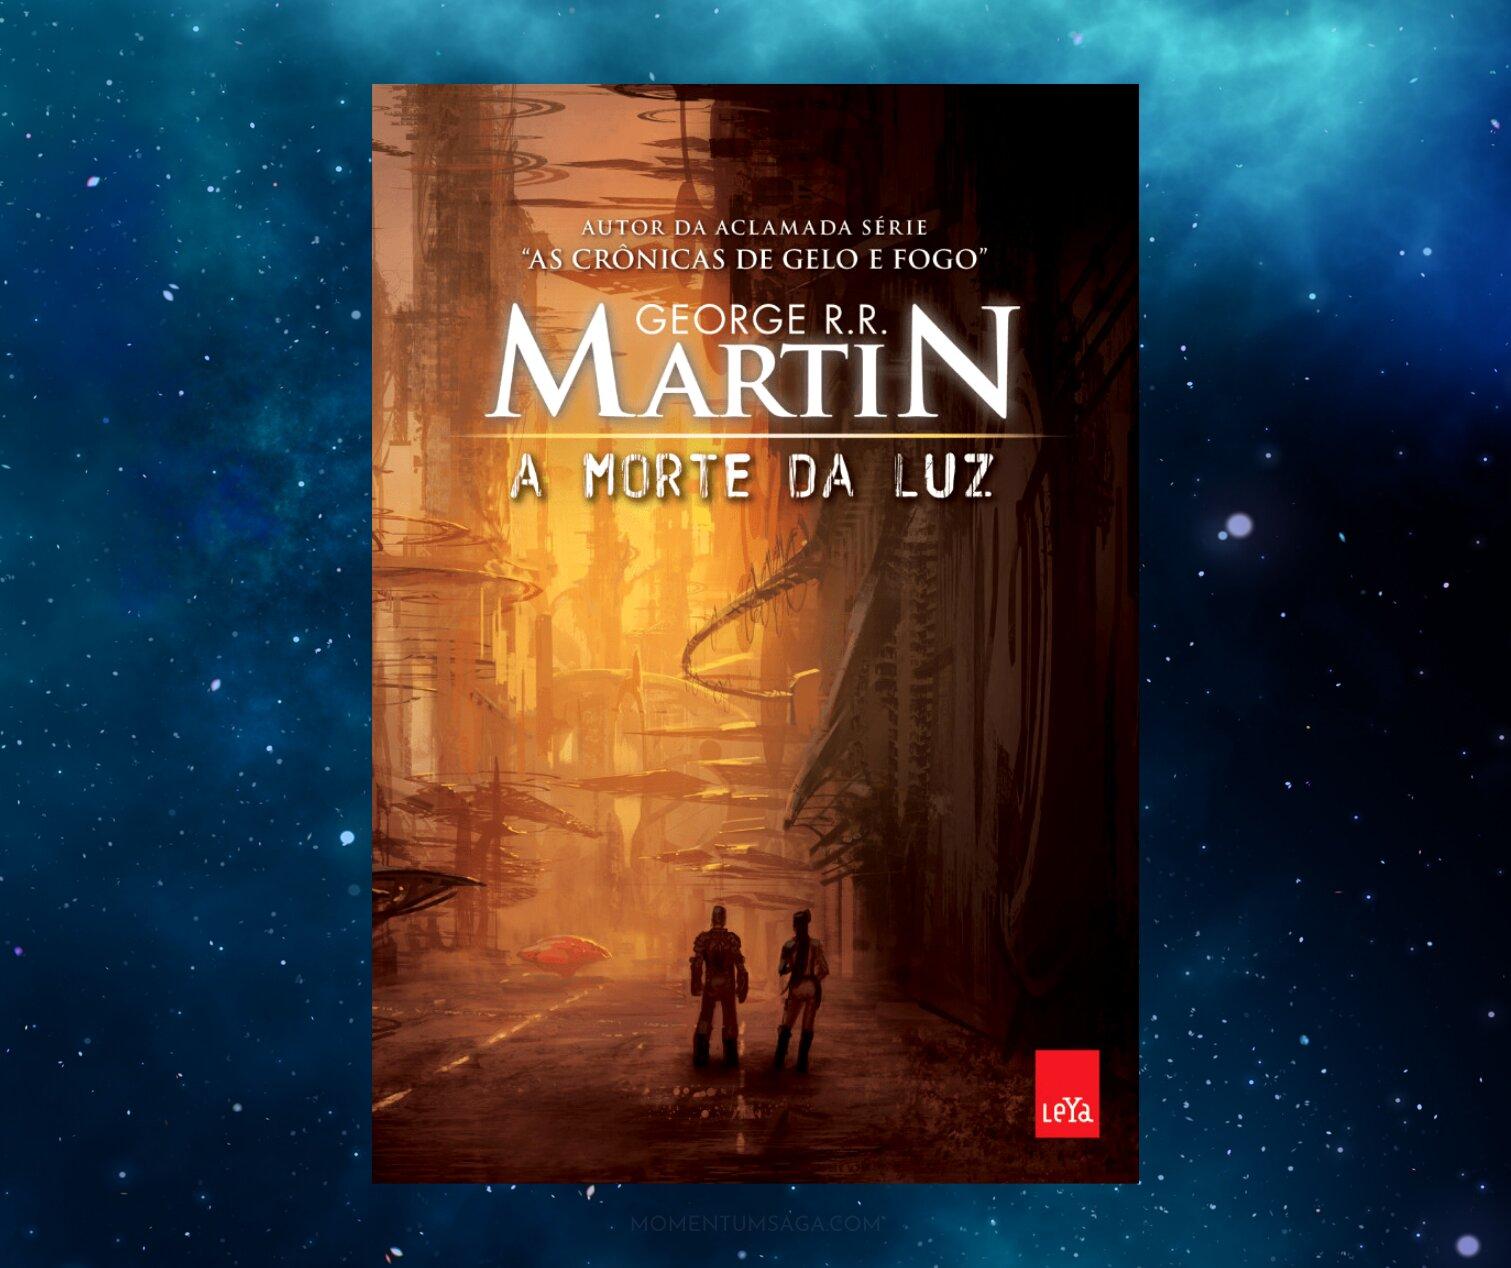 Resenha: A Morte da Luz, de George R. R. Martin